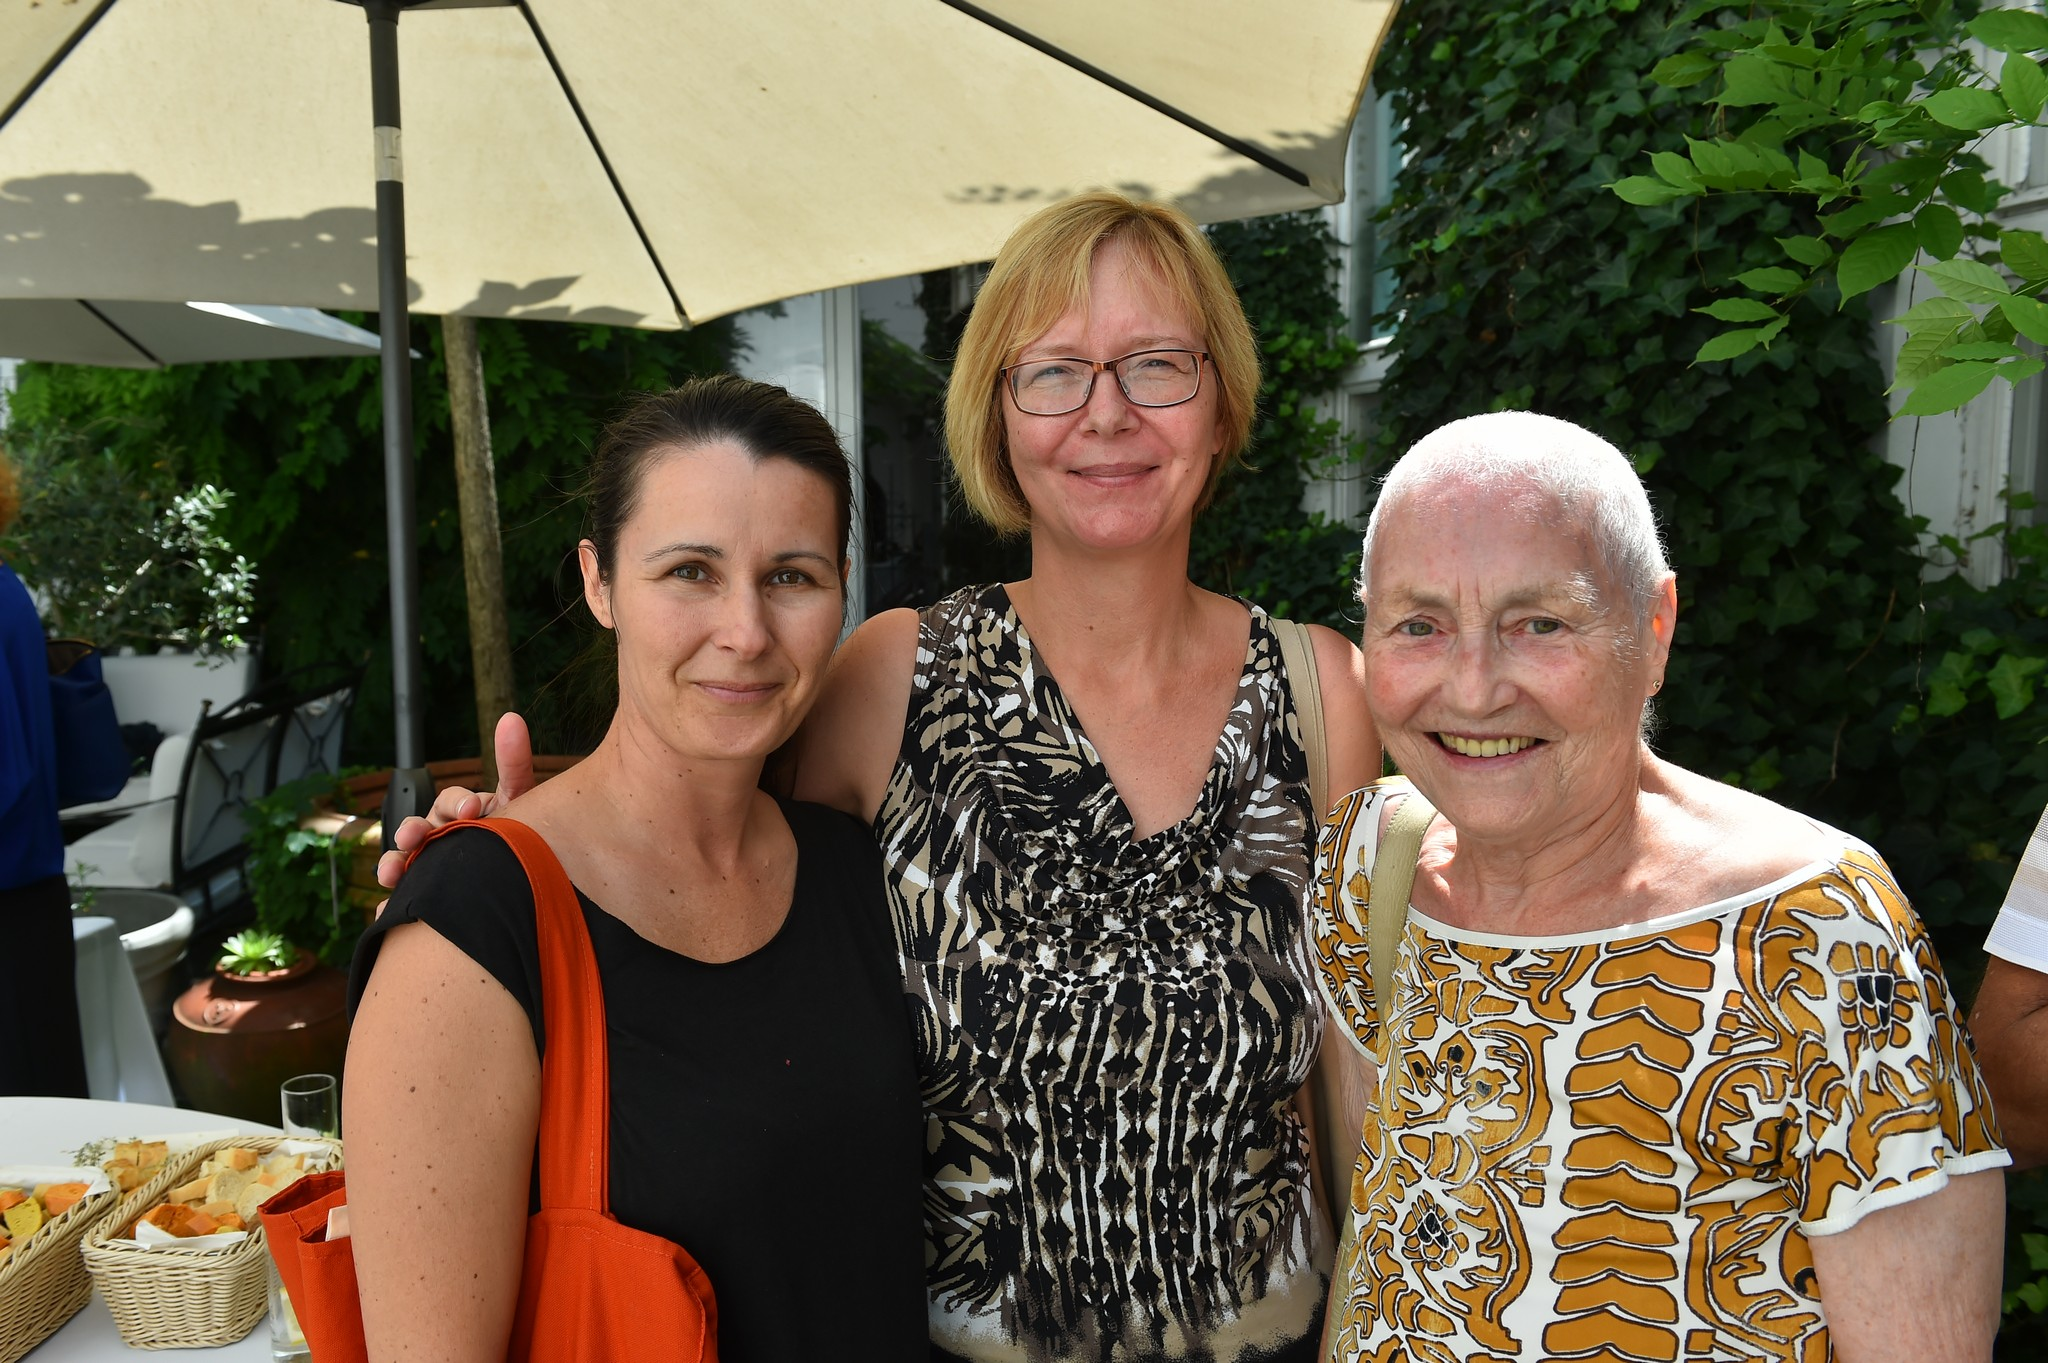 Od leve: Andreja Verovšek, vodja projektov Zavod Med.Over.Net, Maja Južnič Sotlar, novinarka revije Viva, Mojca Senčar, nekdanja predsednica združenja Europa Donna in ambasadorka